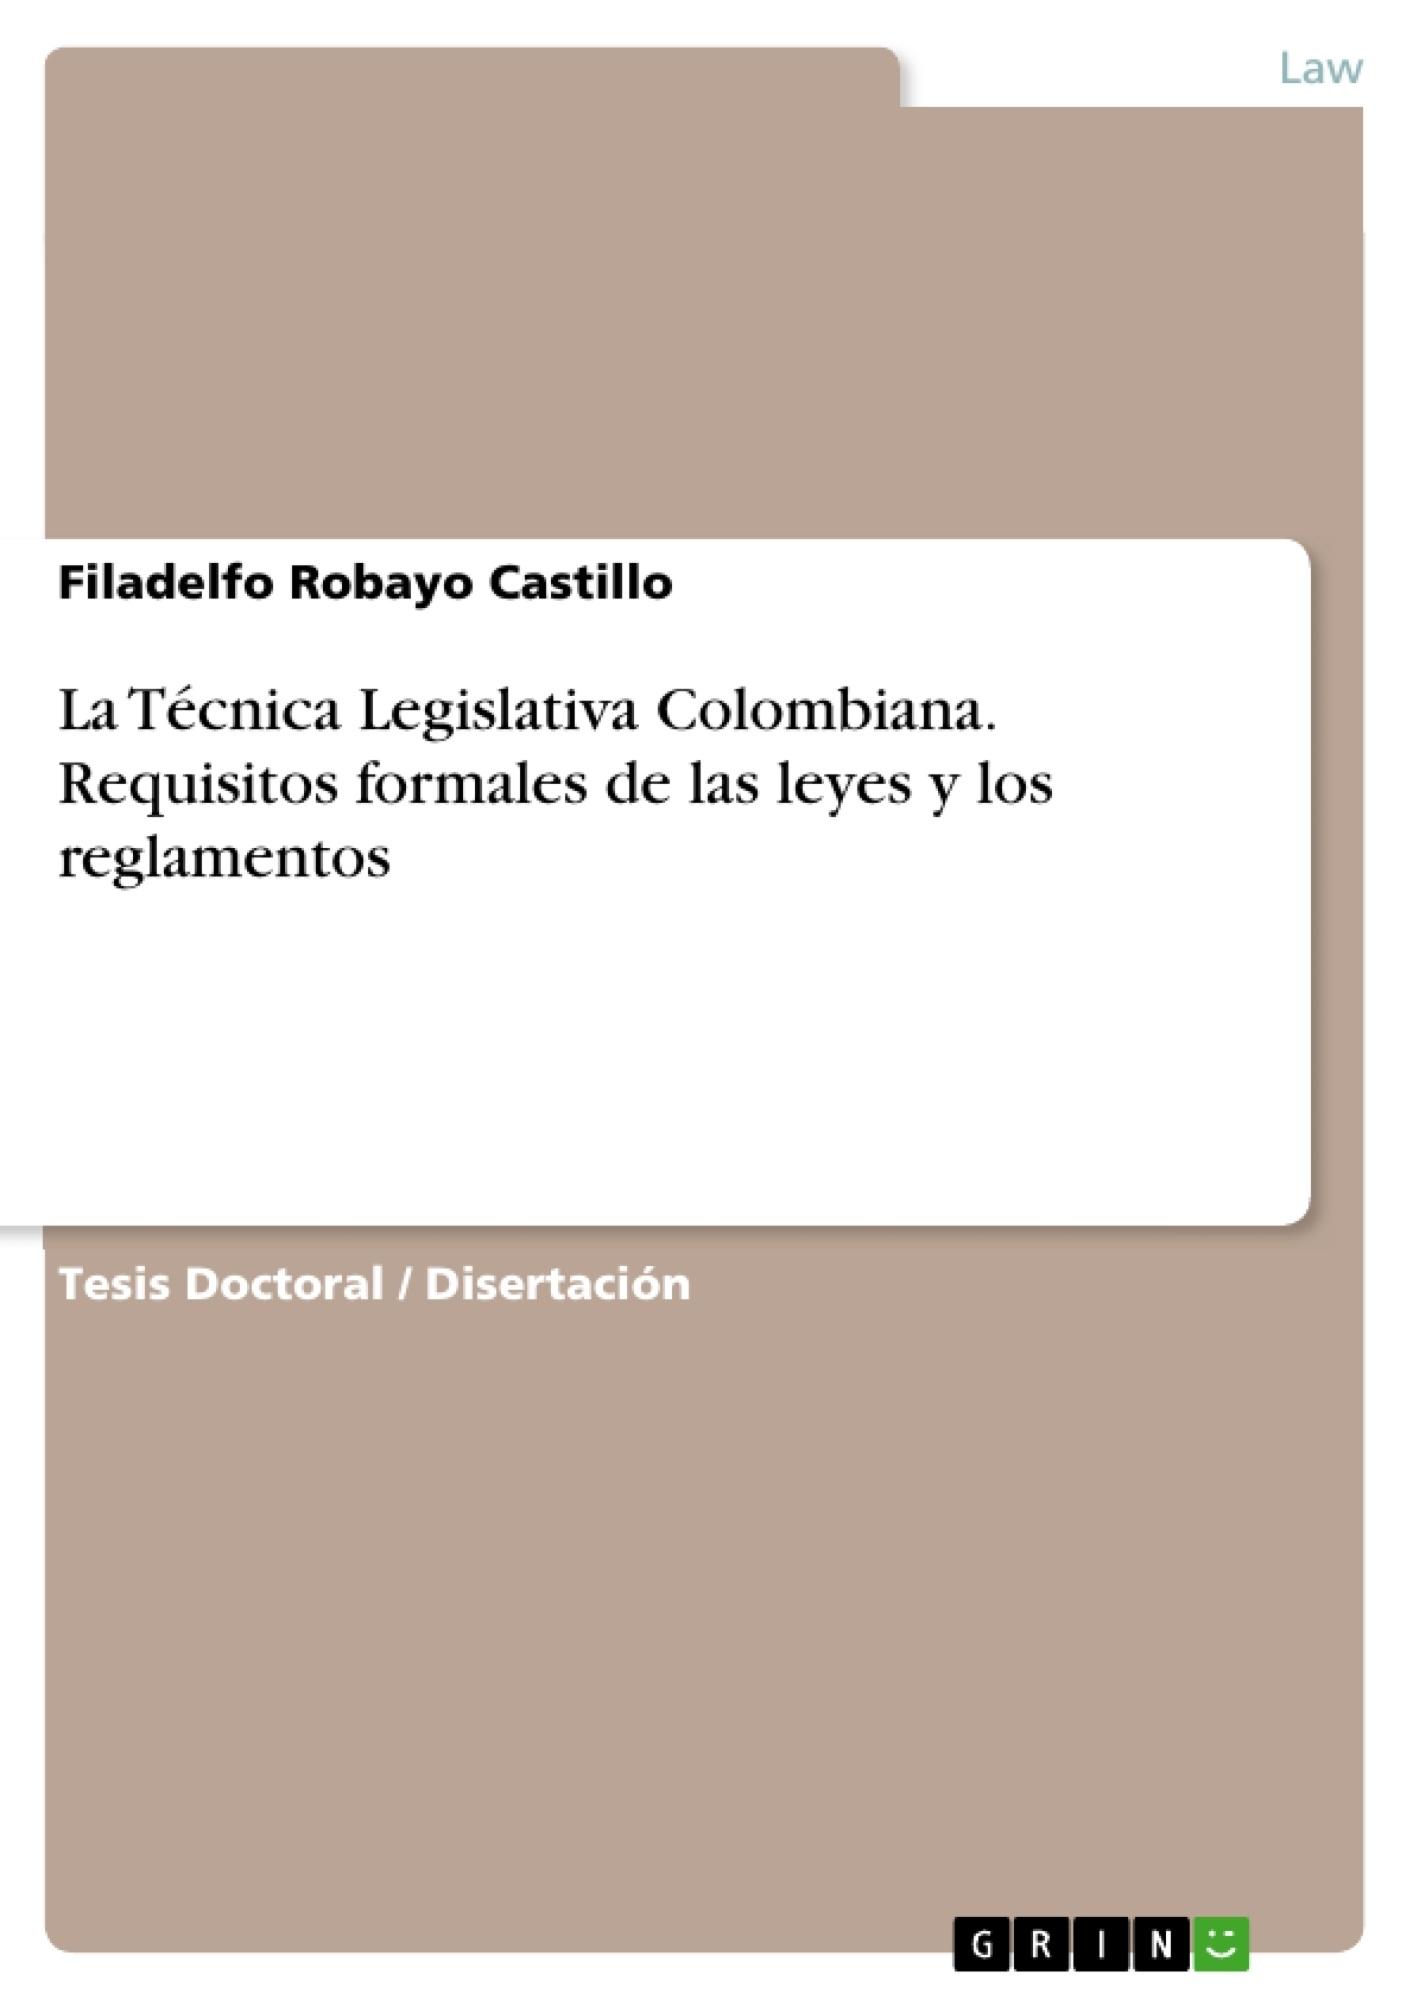 Título: La Técnica Legislativa Colombiana. Requisitos formales de las leyes y los reglamentos